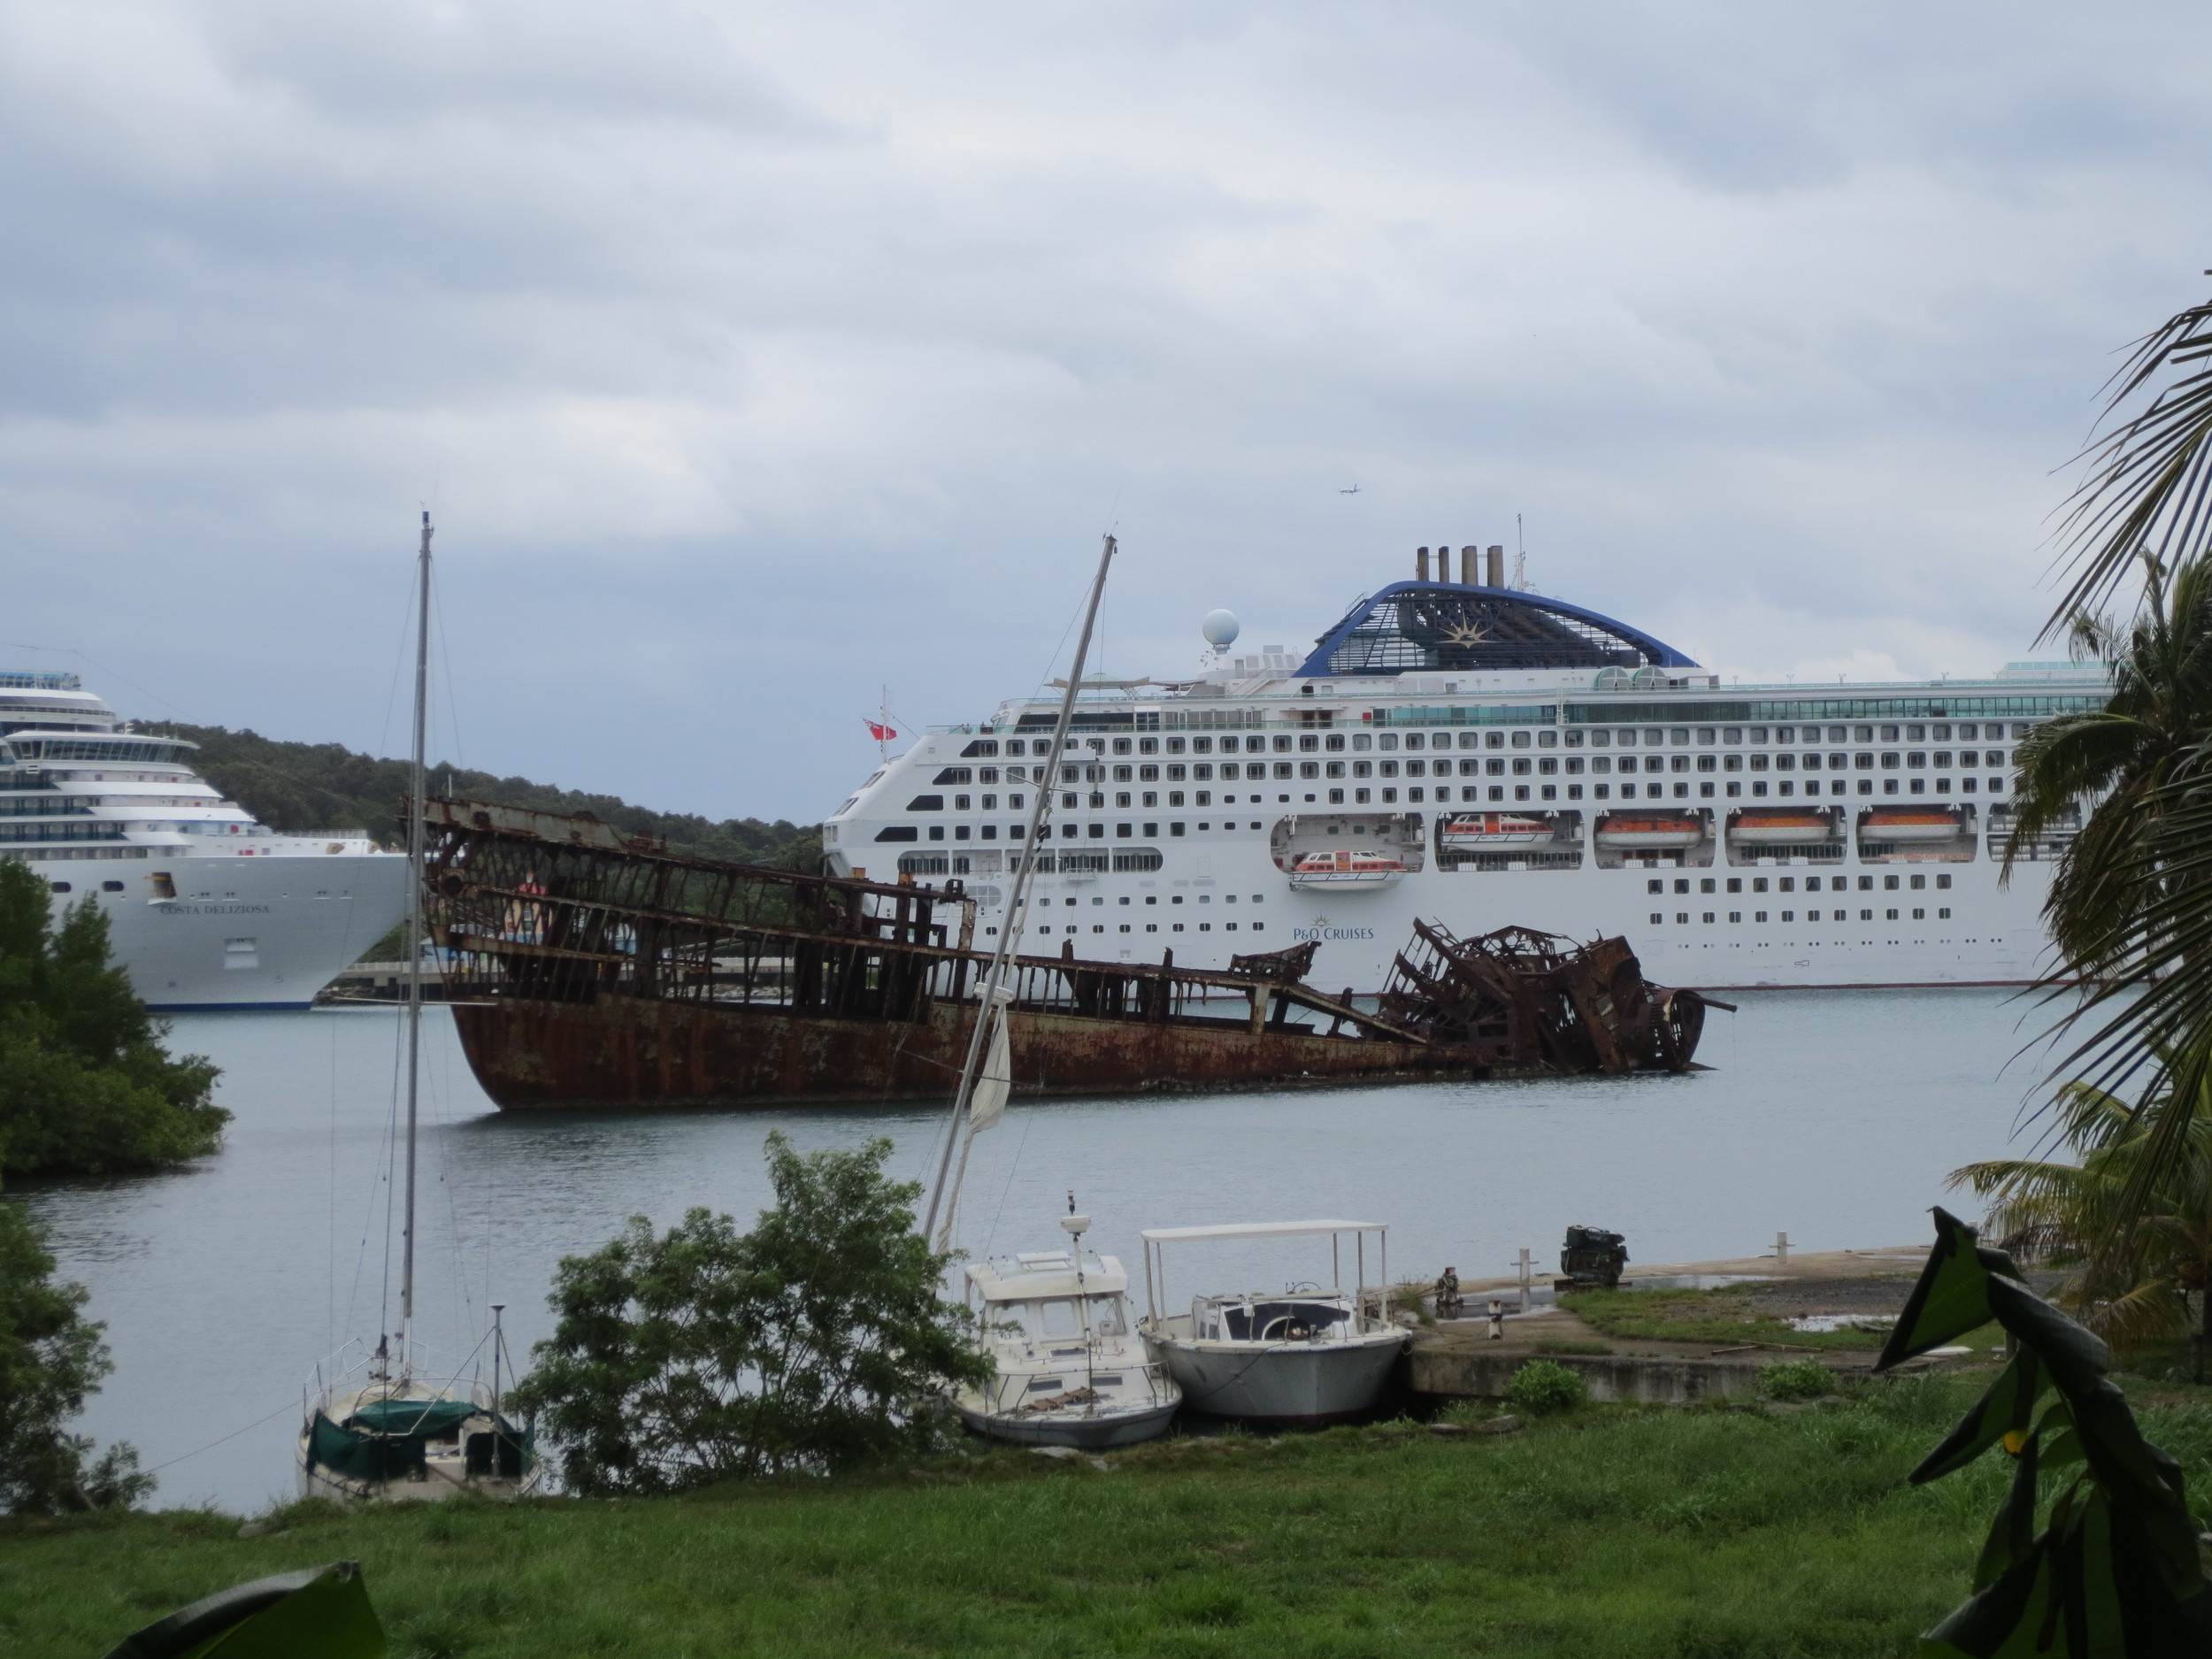 Iconic wreck in Roatan's Mahogany Bay